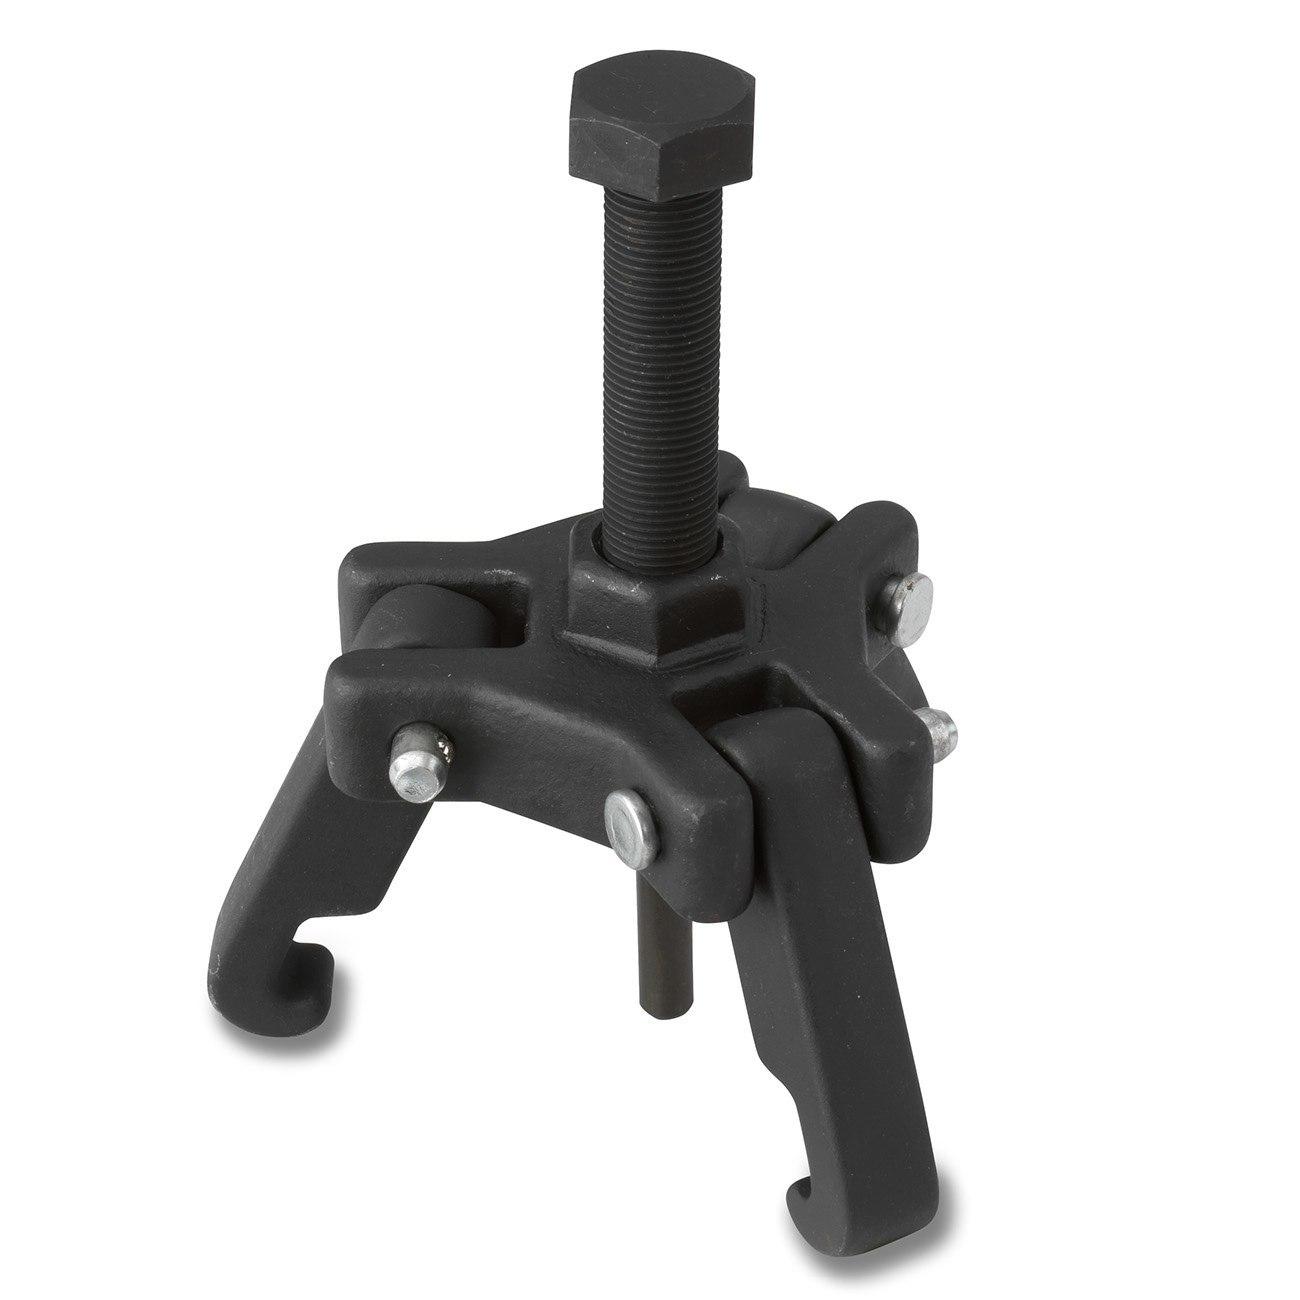 3 Jaw Steering Wheel Puller : Harmonic damper balancer puller holding steering wheel